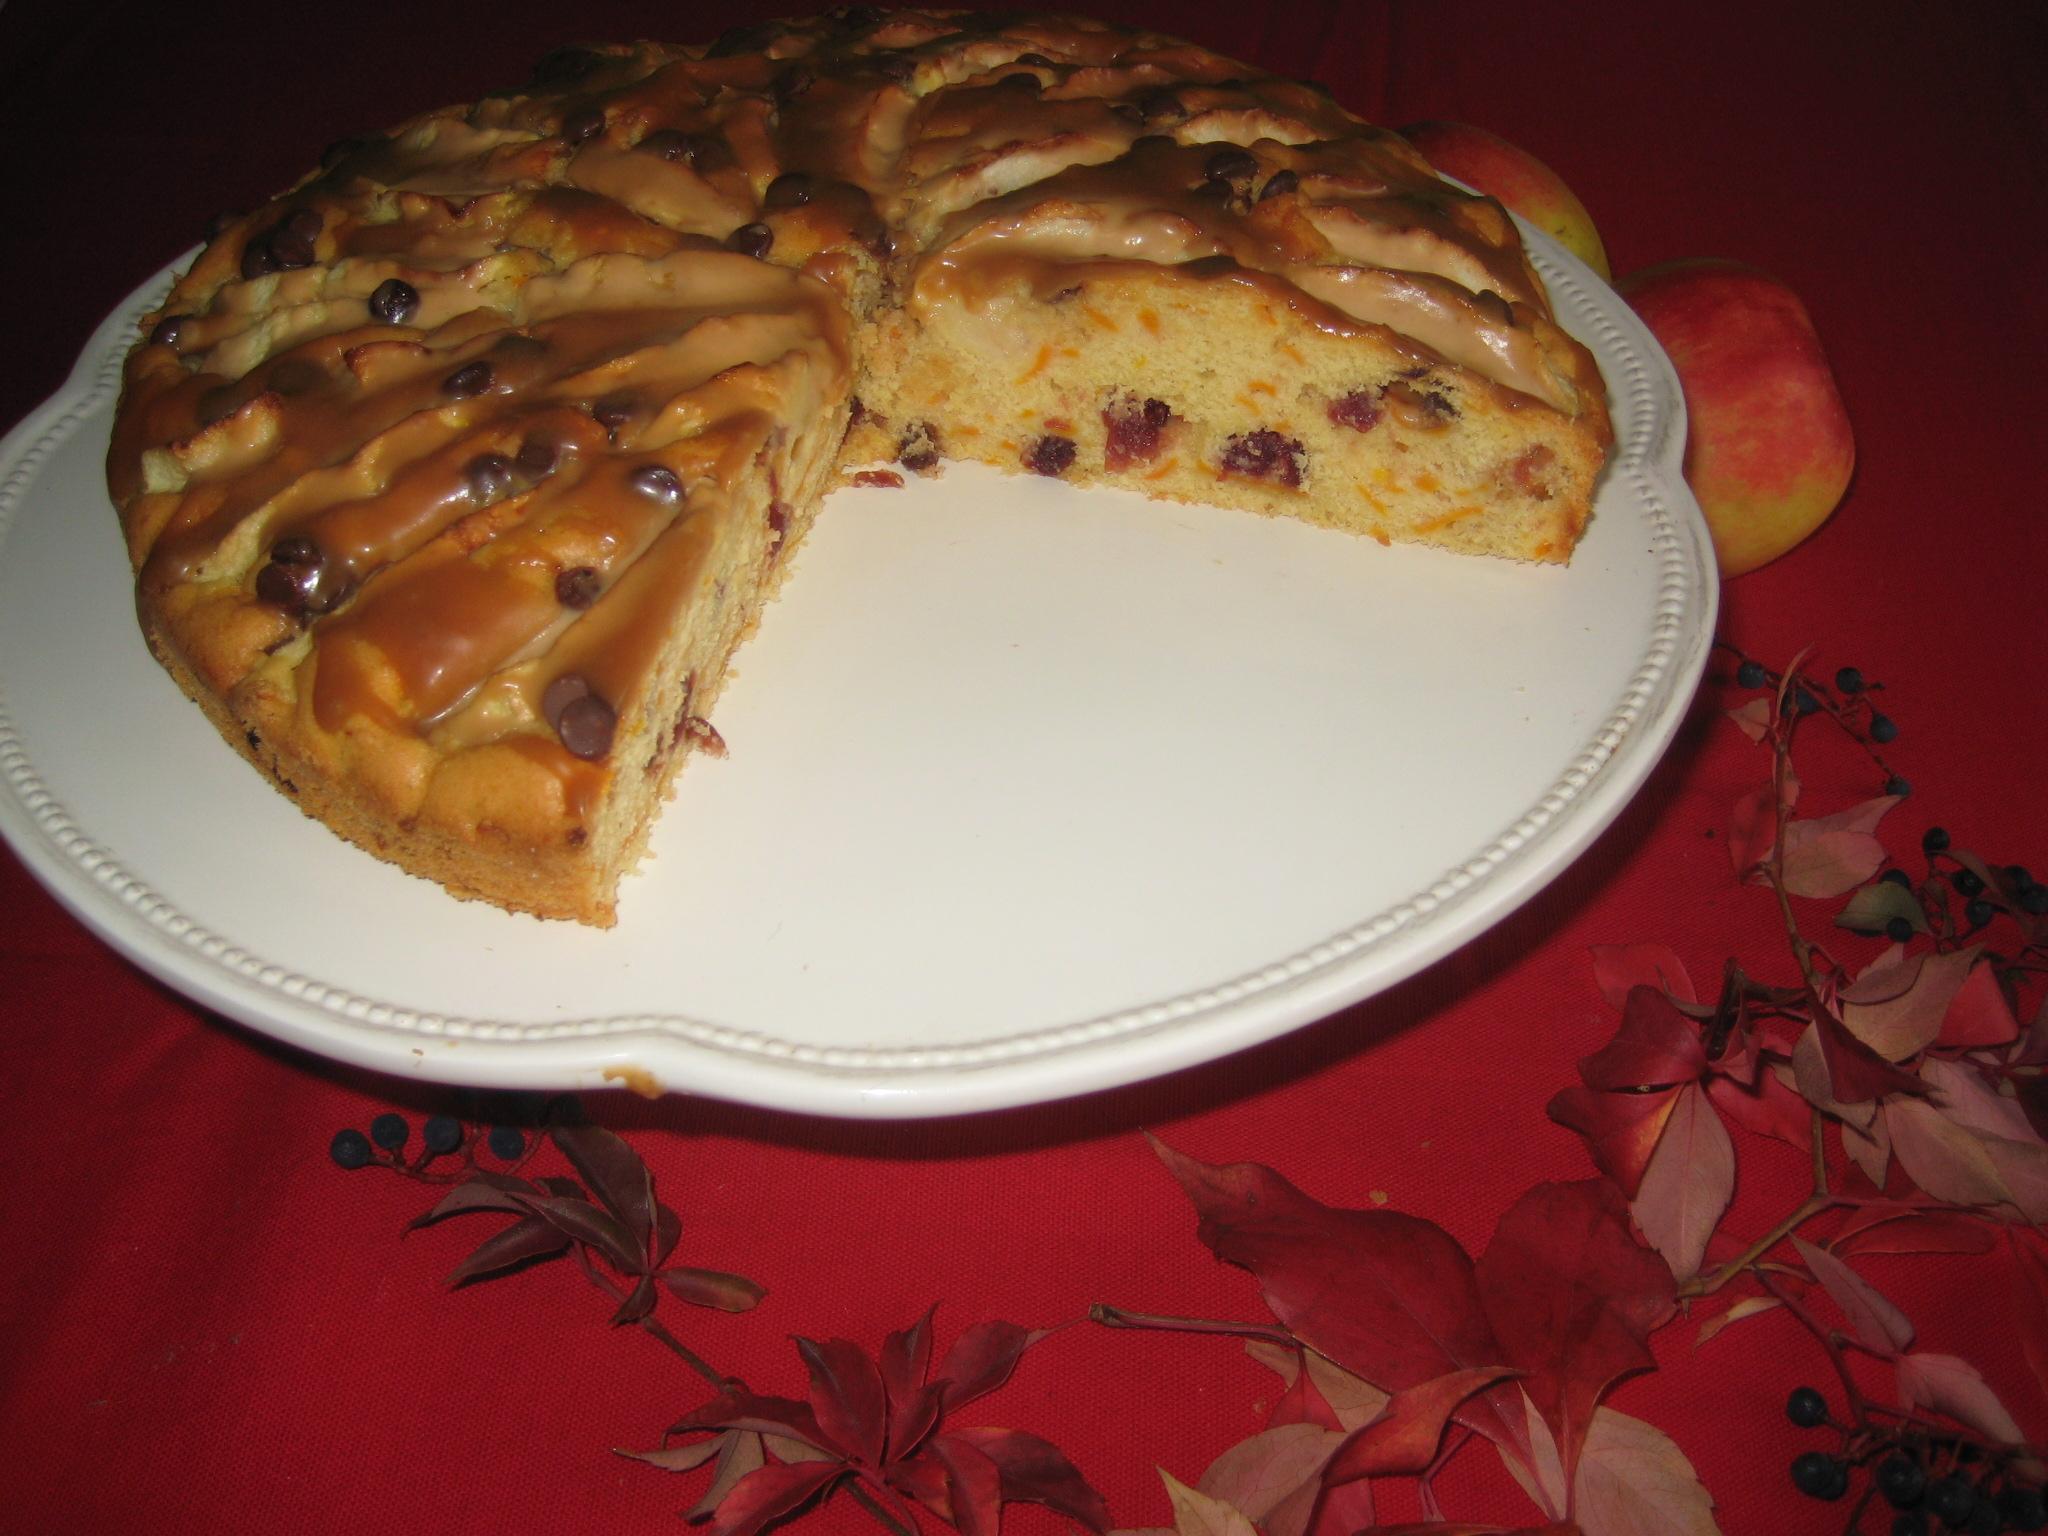 Das ist der zweite Kuchen von Marisol R. ein Kürbiskuchen mit Kaffee-Karamell.